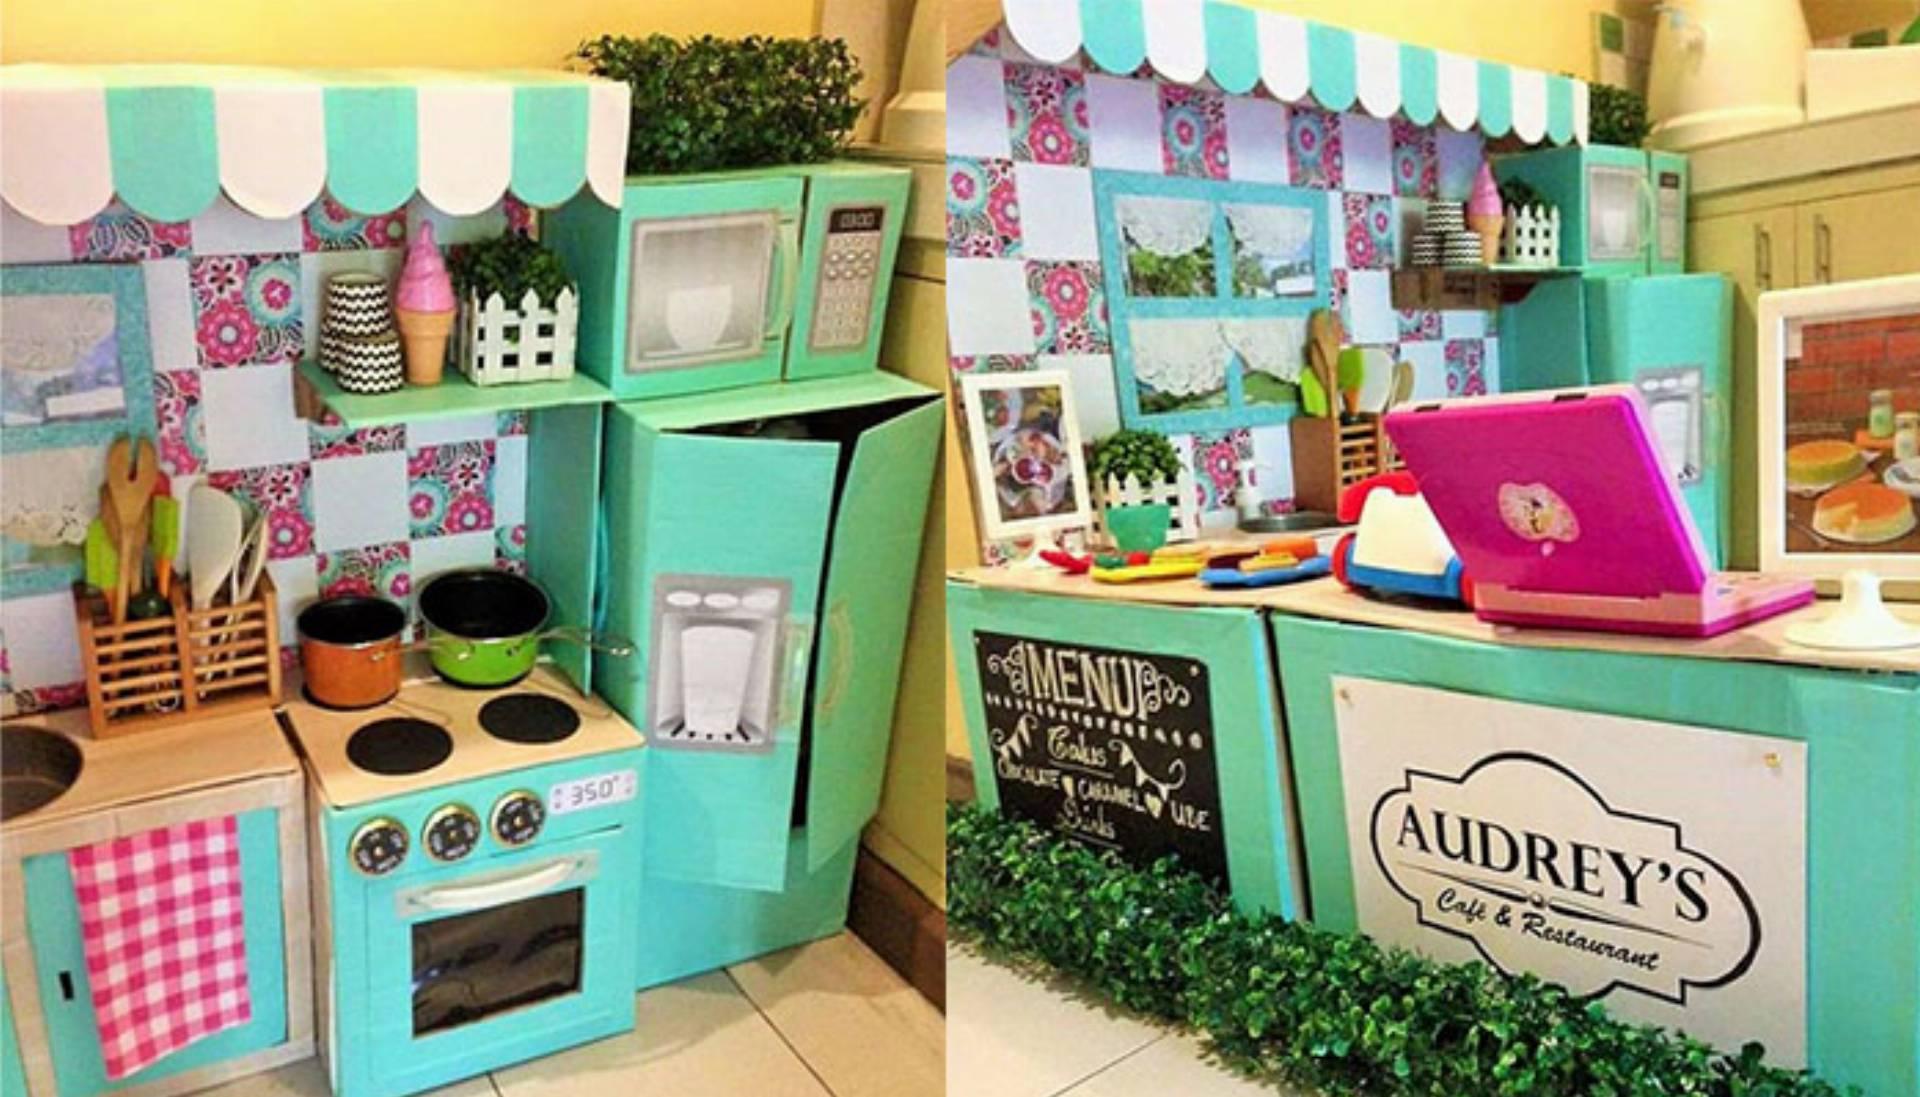 Inspiracjie DIY Zabawkowa kuchnia dla dziecka  KobietaMag pl -> Kuchnia Dla Dziecka Do Zabawy